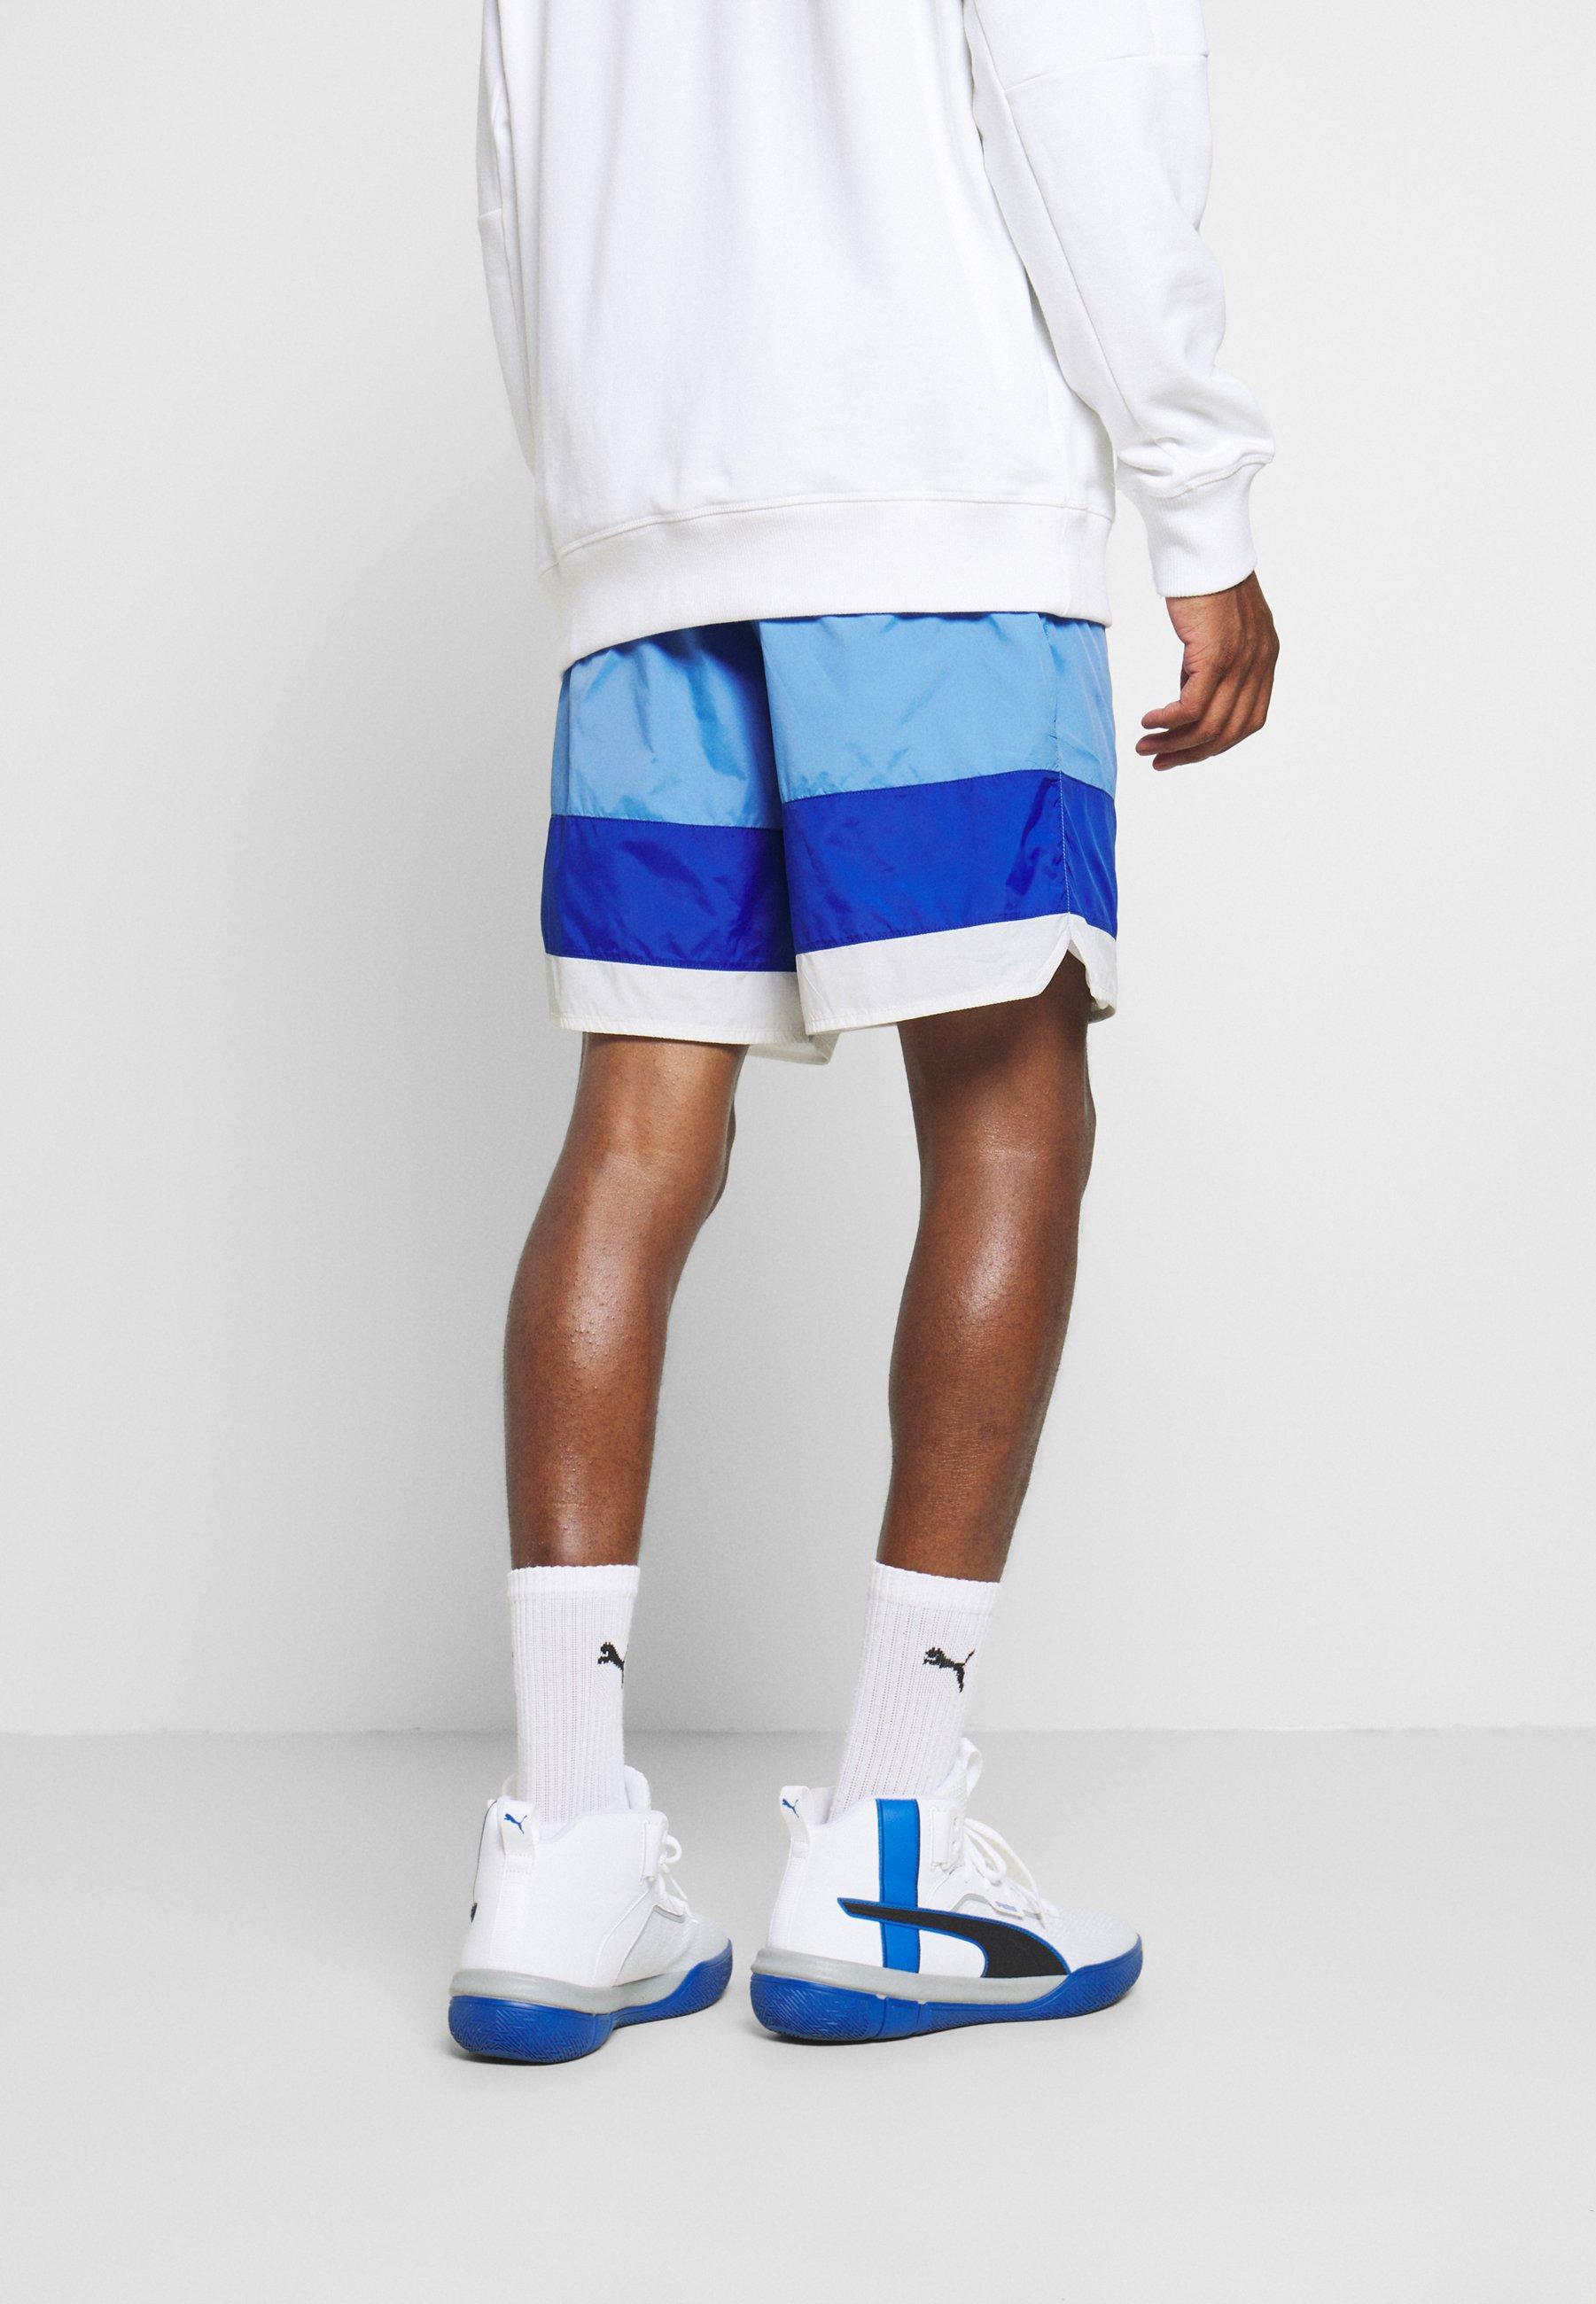 Achetez Le Meilleur Vêtements homme Mitchell & Ness NBA LOS ANGELES LAKERS STRIPED SHORT Short de sport blue p8QEybsO